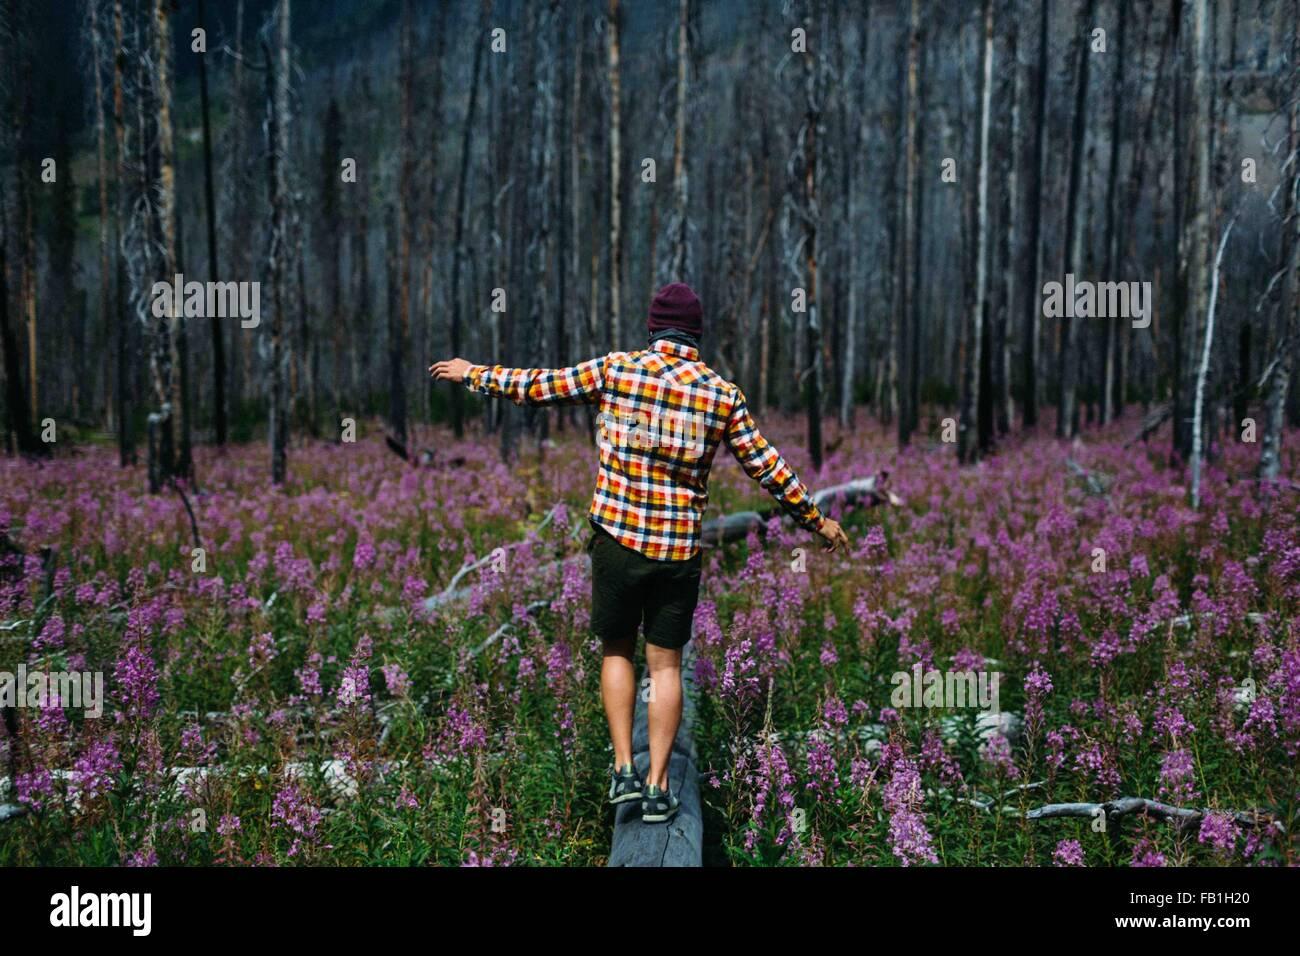 Rückansicht des Mitte erwachsenen Mannes balancieren auf umgestürzten Baum im Bereich von Wildblumen, Stockbild